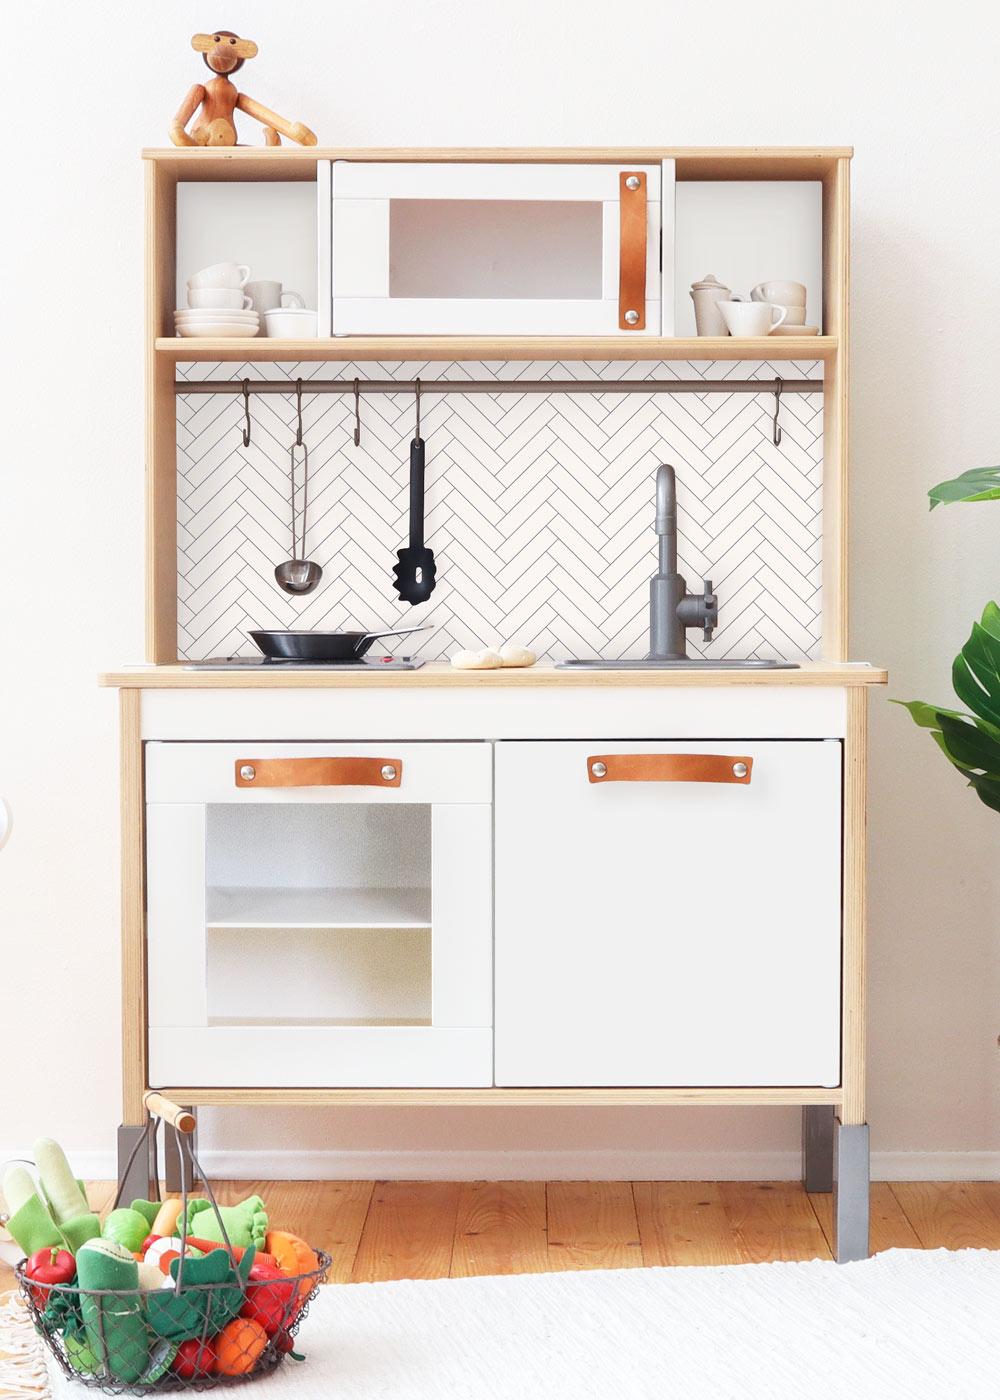 Ikea Duktig Kinderküche Kachla Fiskben weiss Frontansicht